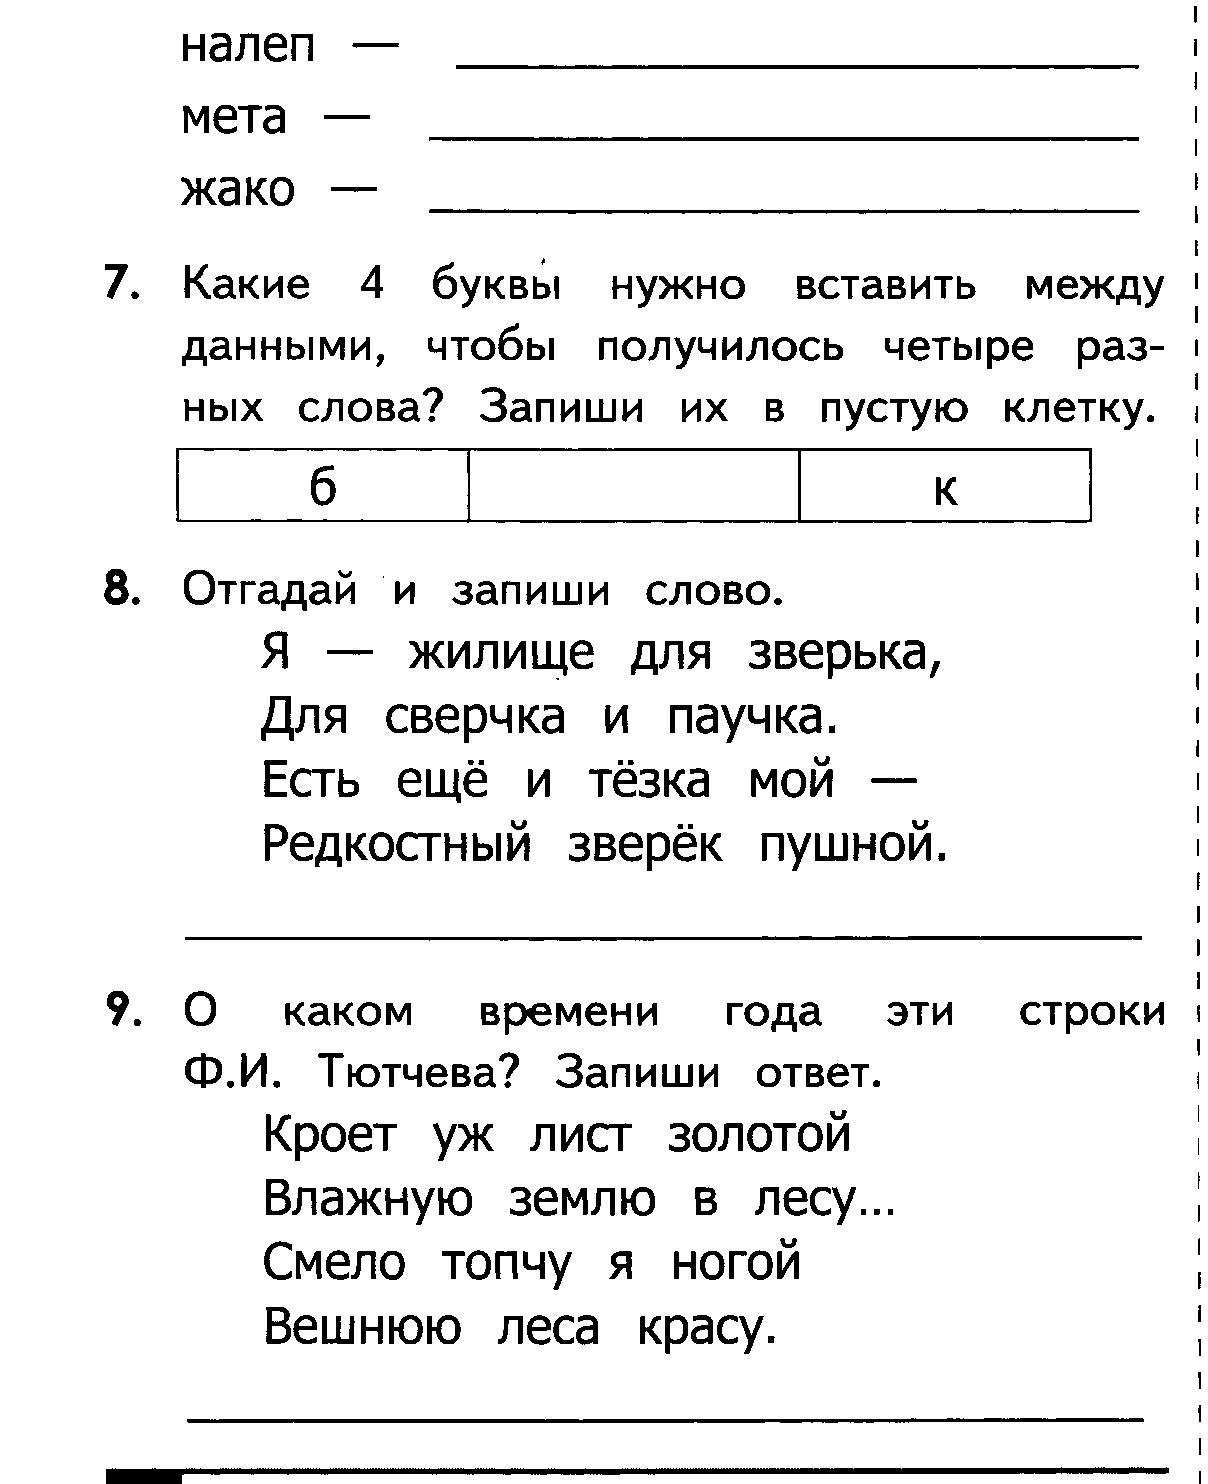 C:\Users\Анна Петровна\Desktop\media\image2.png